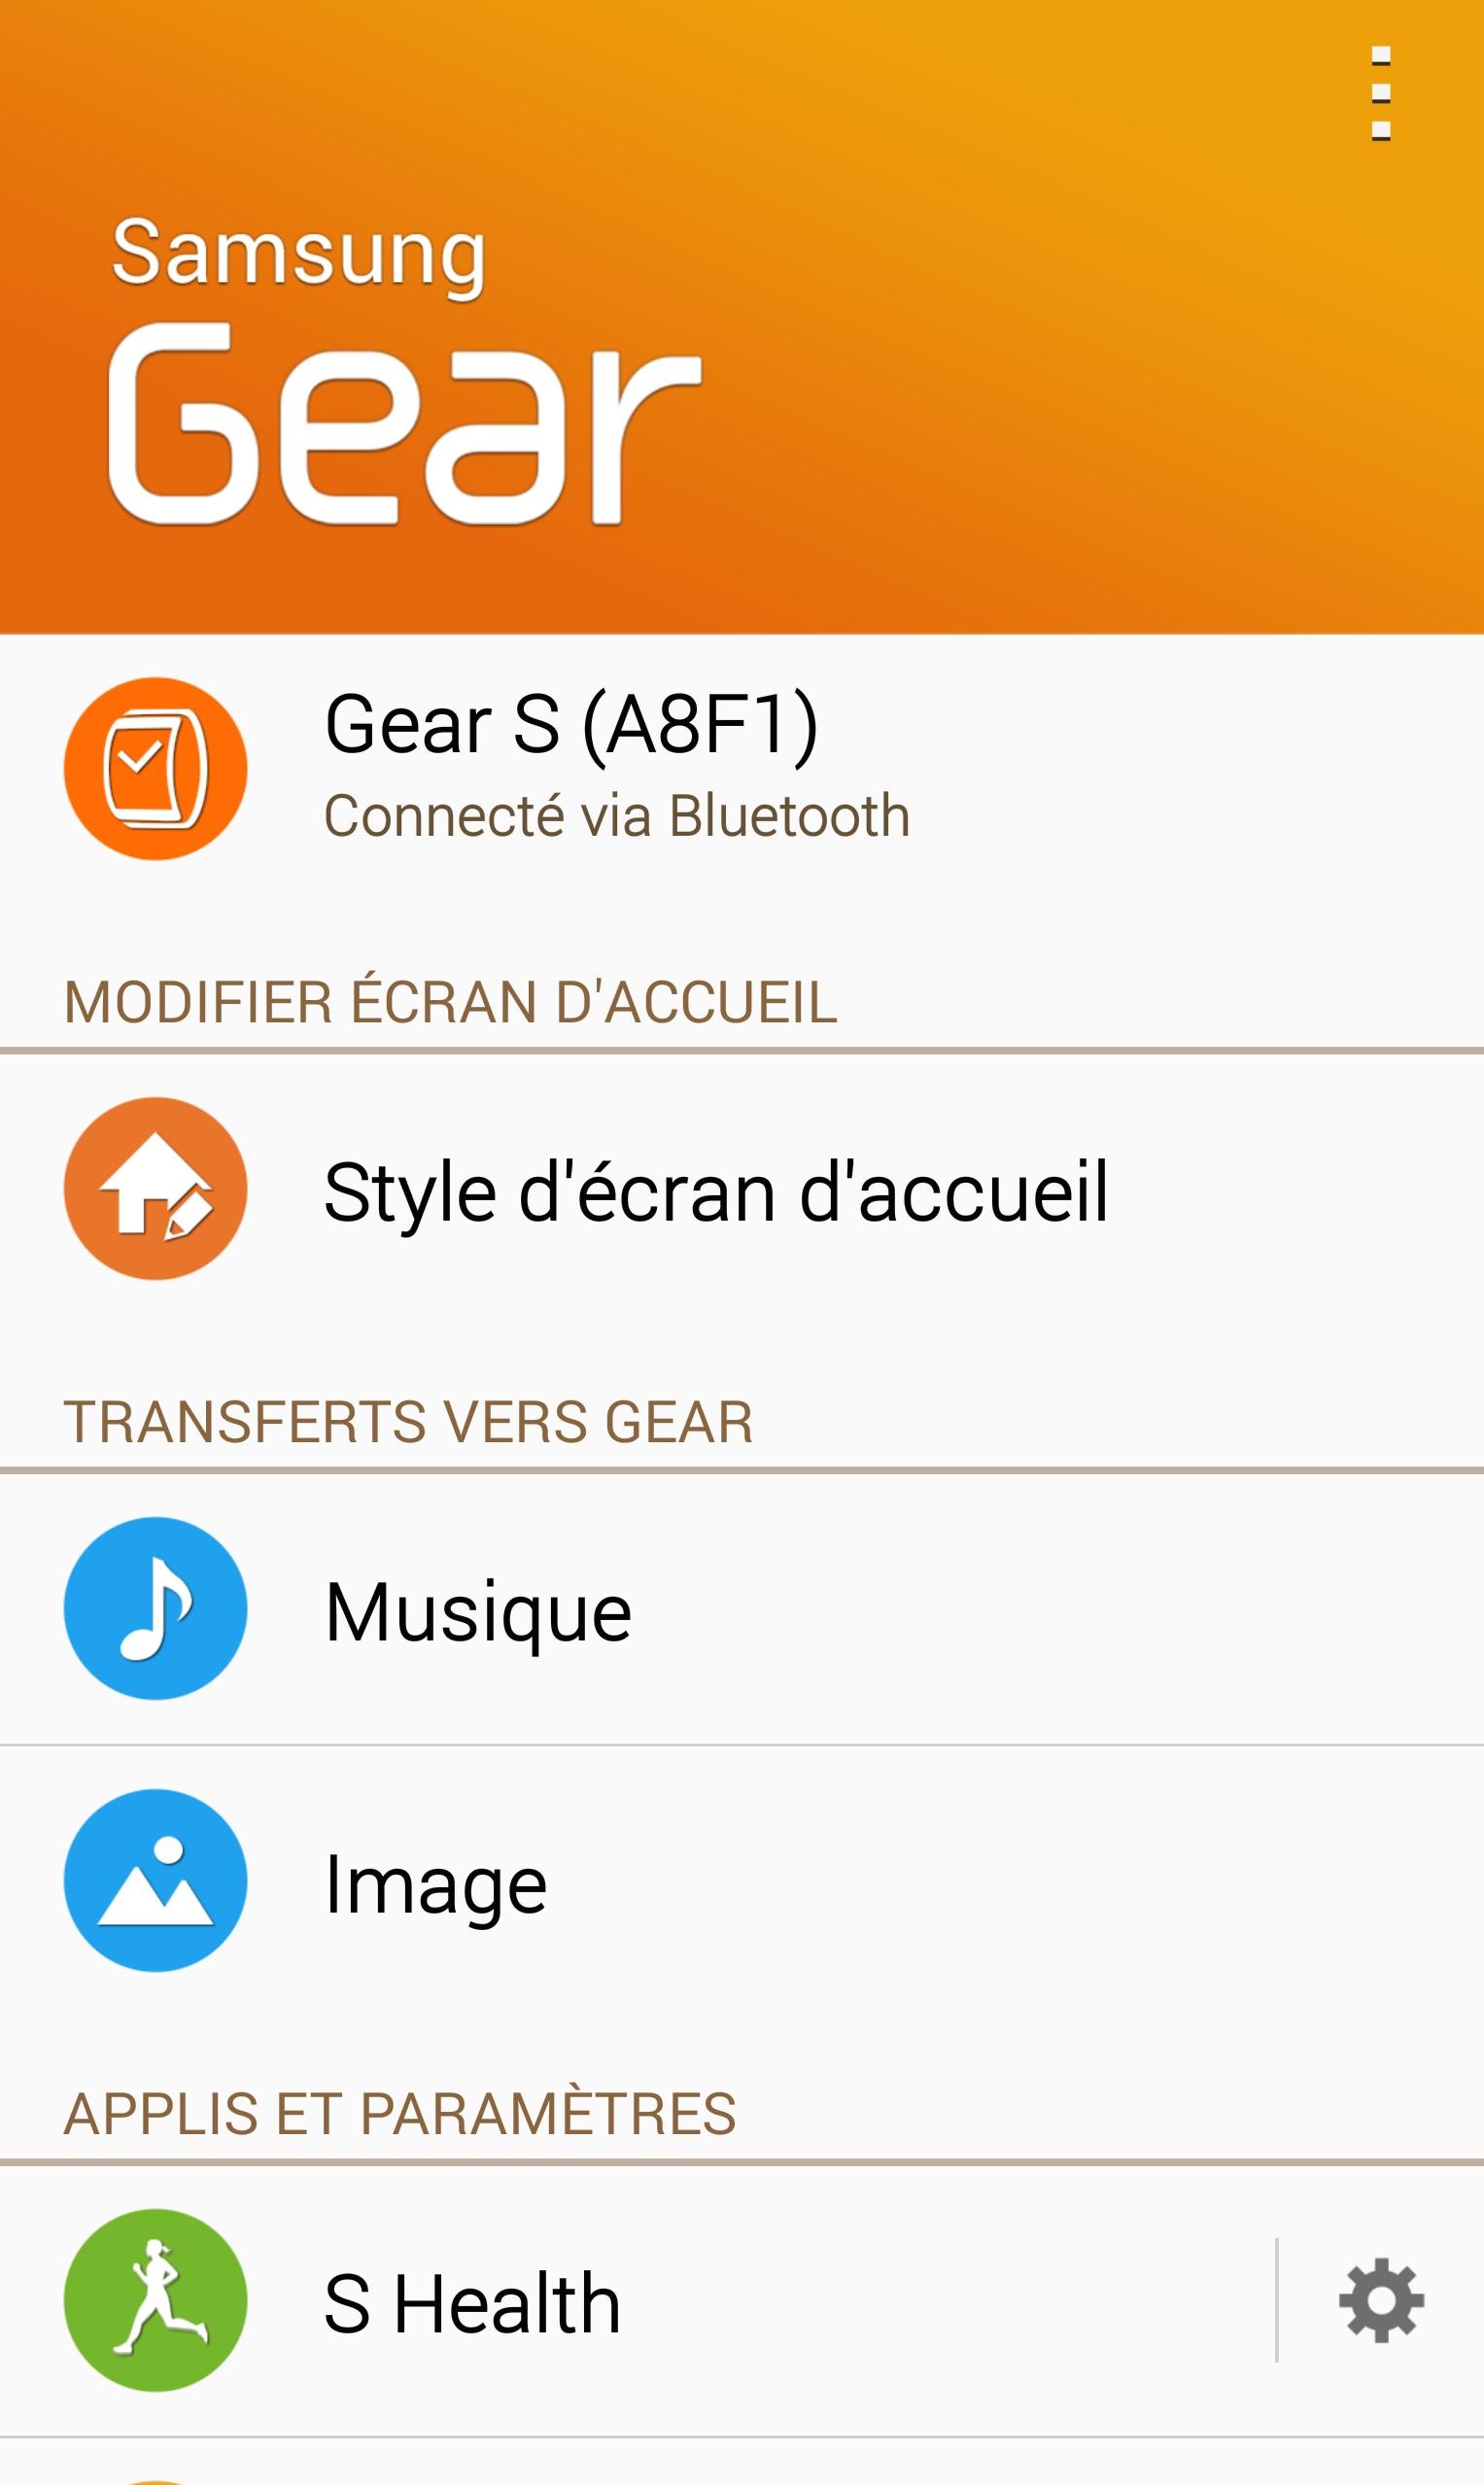 Test de la Samsung Gear S, une montre connectée autonome 3G sous